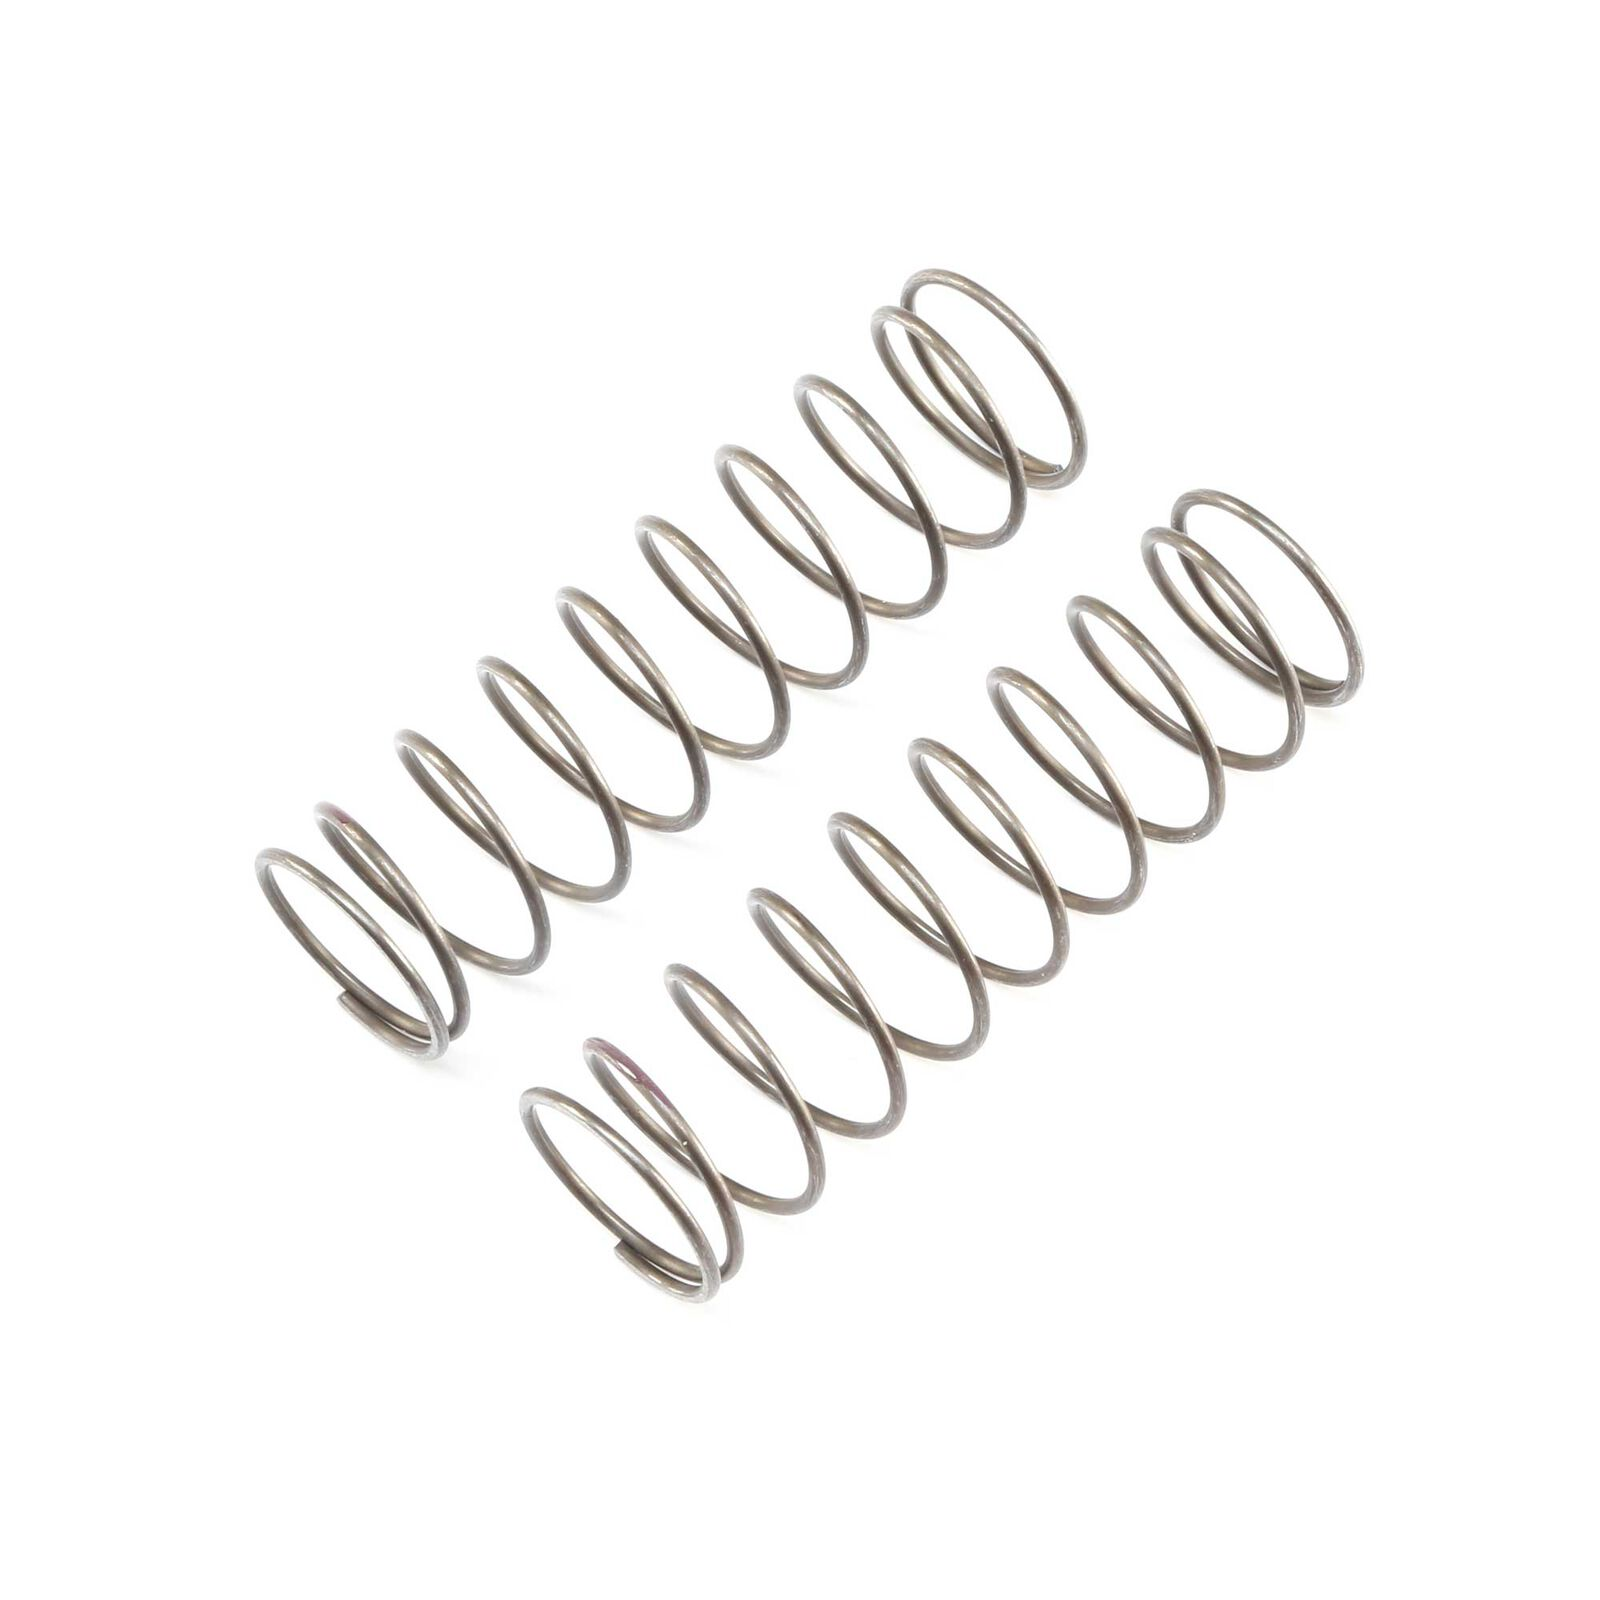 16mm EVO Rear Shock Spring, 3.6 Brown (2): 8B 4.0